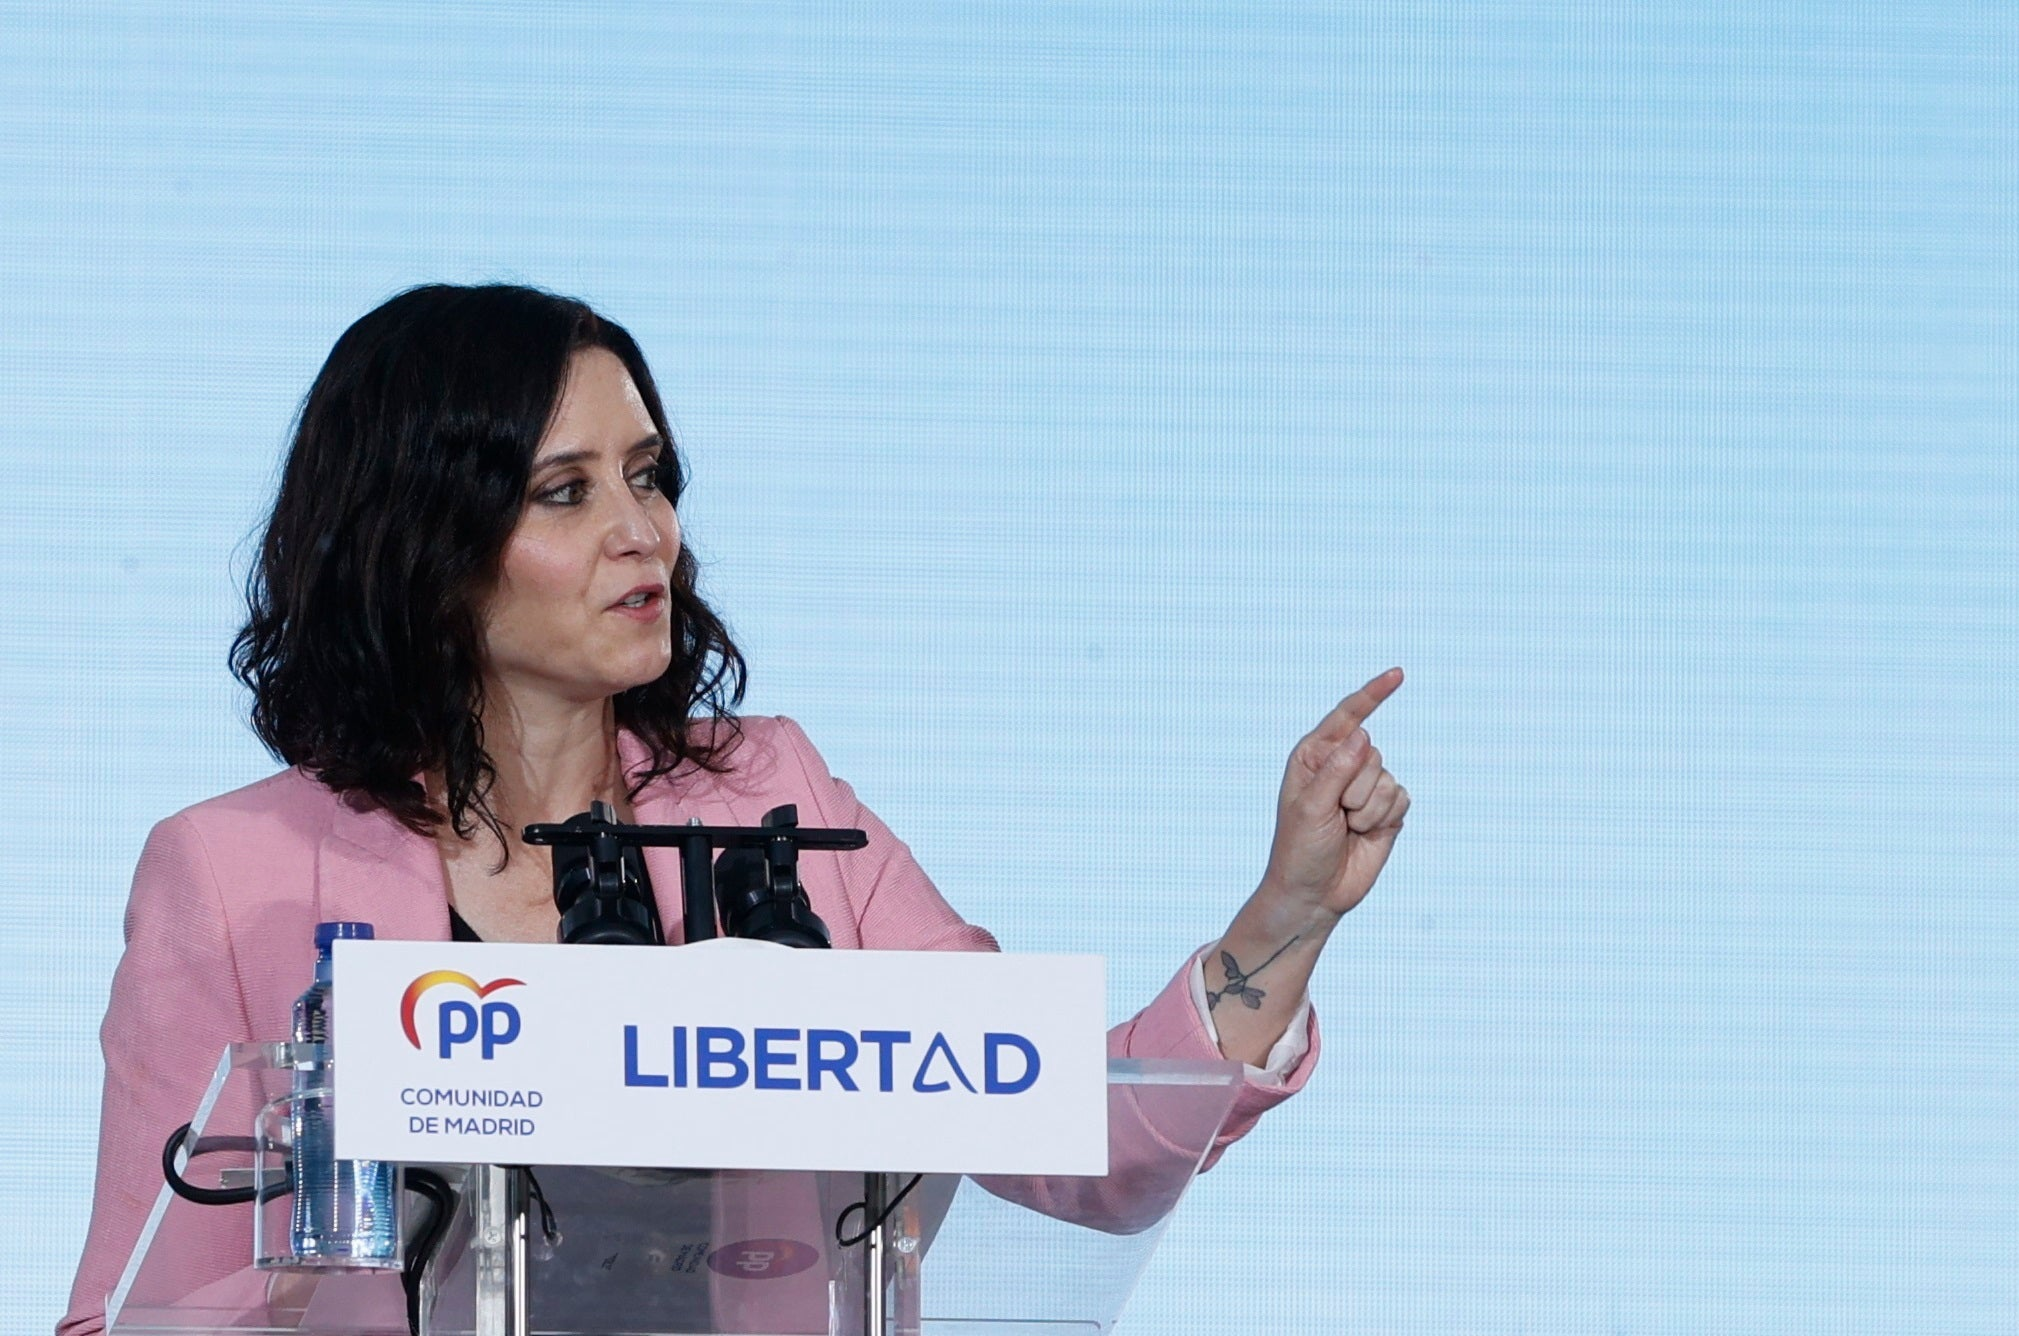 Tertulia: ¿Qué escenario político se plantea tras la victoria de Isabel Díaz Ayuso en las elecciones de Madrid?